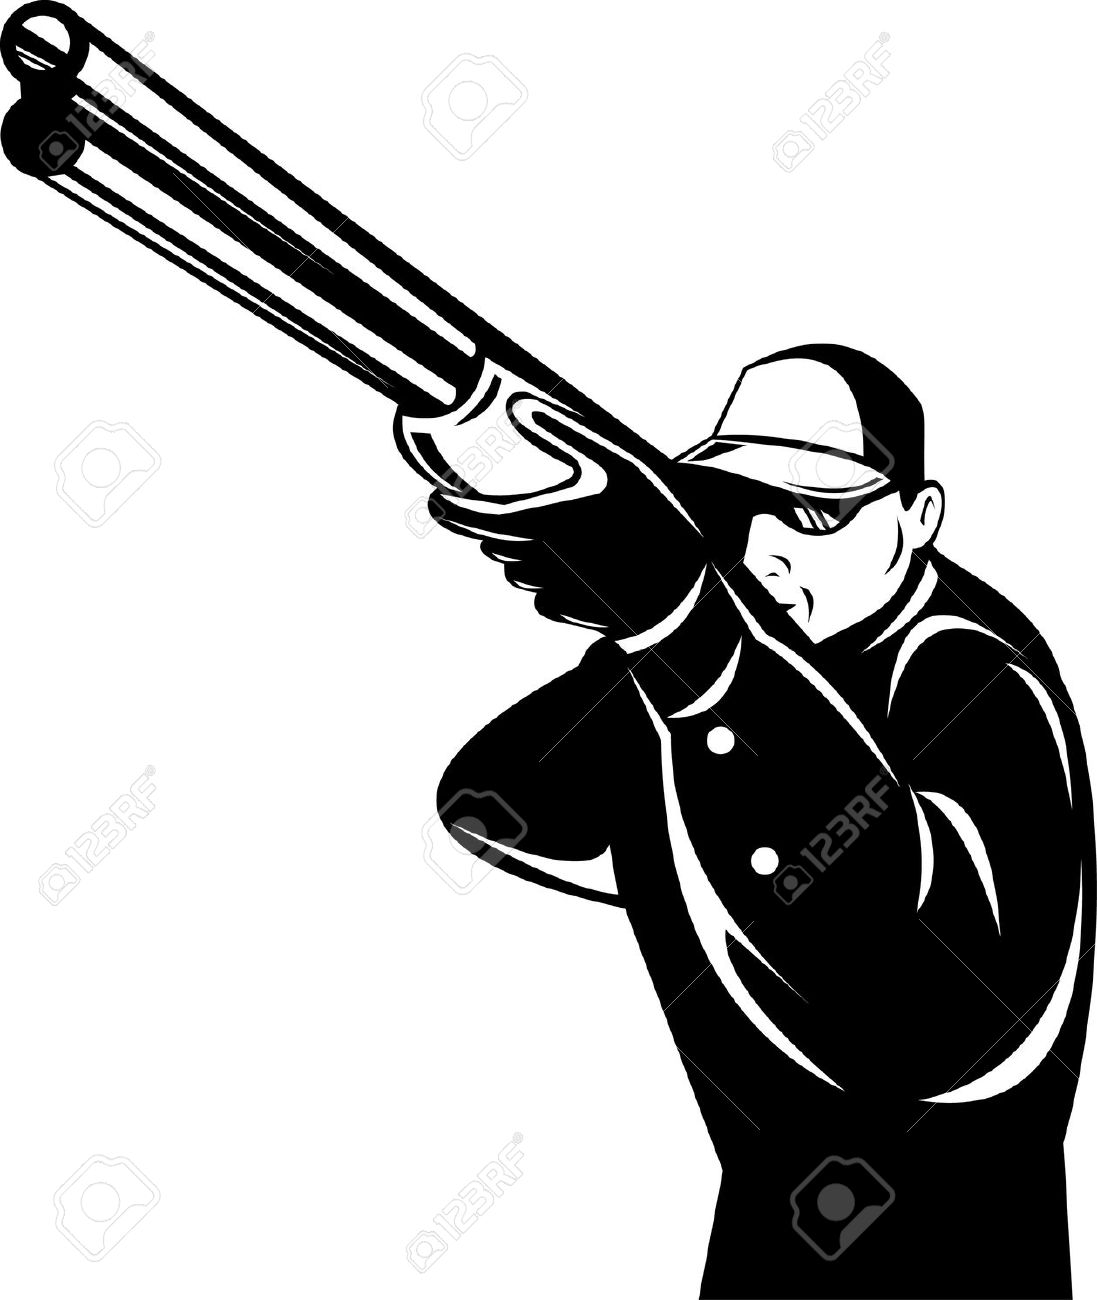 Sport gun clipart #3